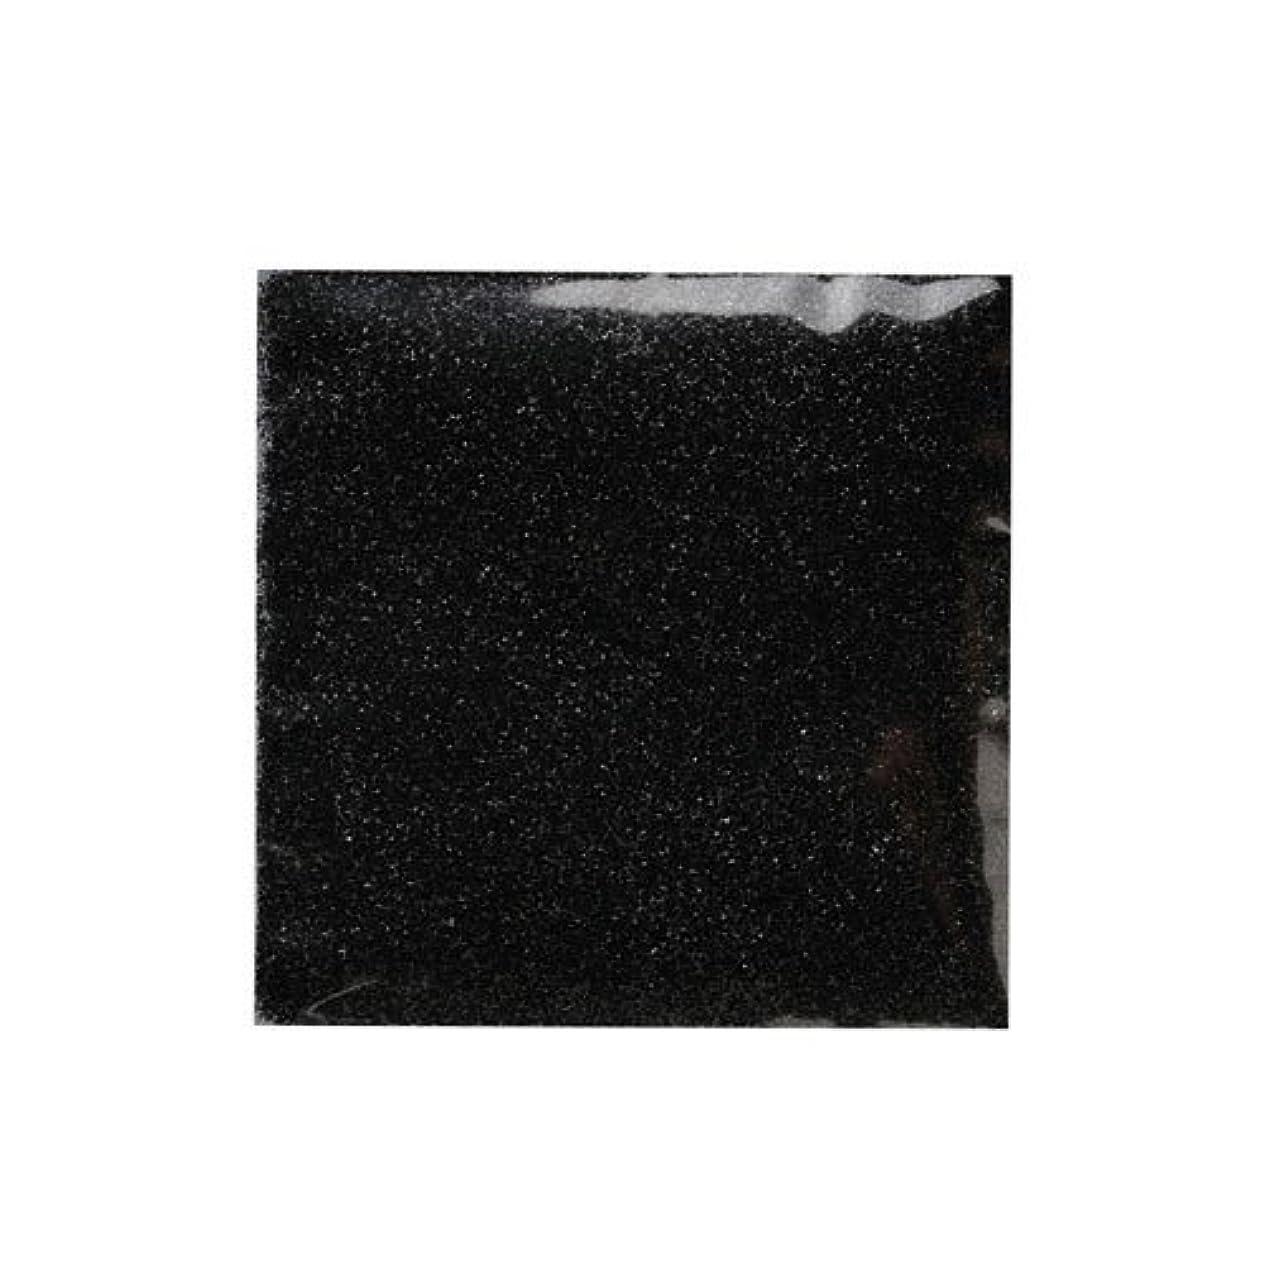 直感ただかび臭いピカエース ネイル用パウダー ピカエース ラメメタリック #507 ブラック 2g アート材